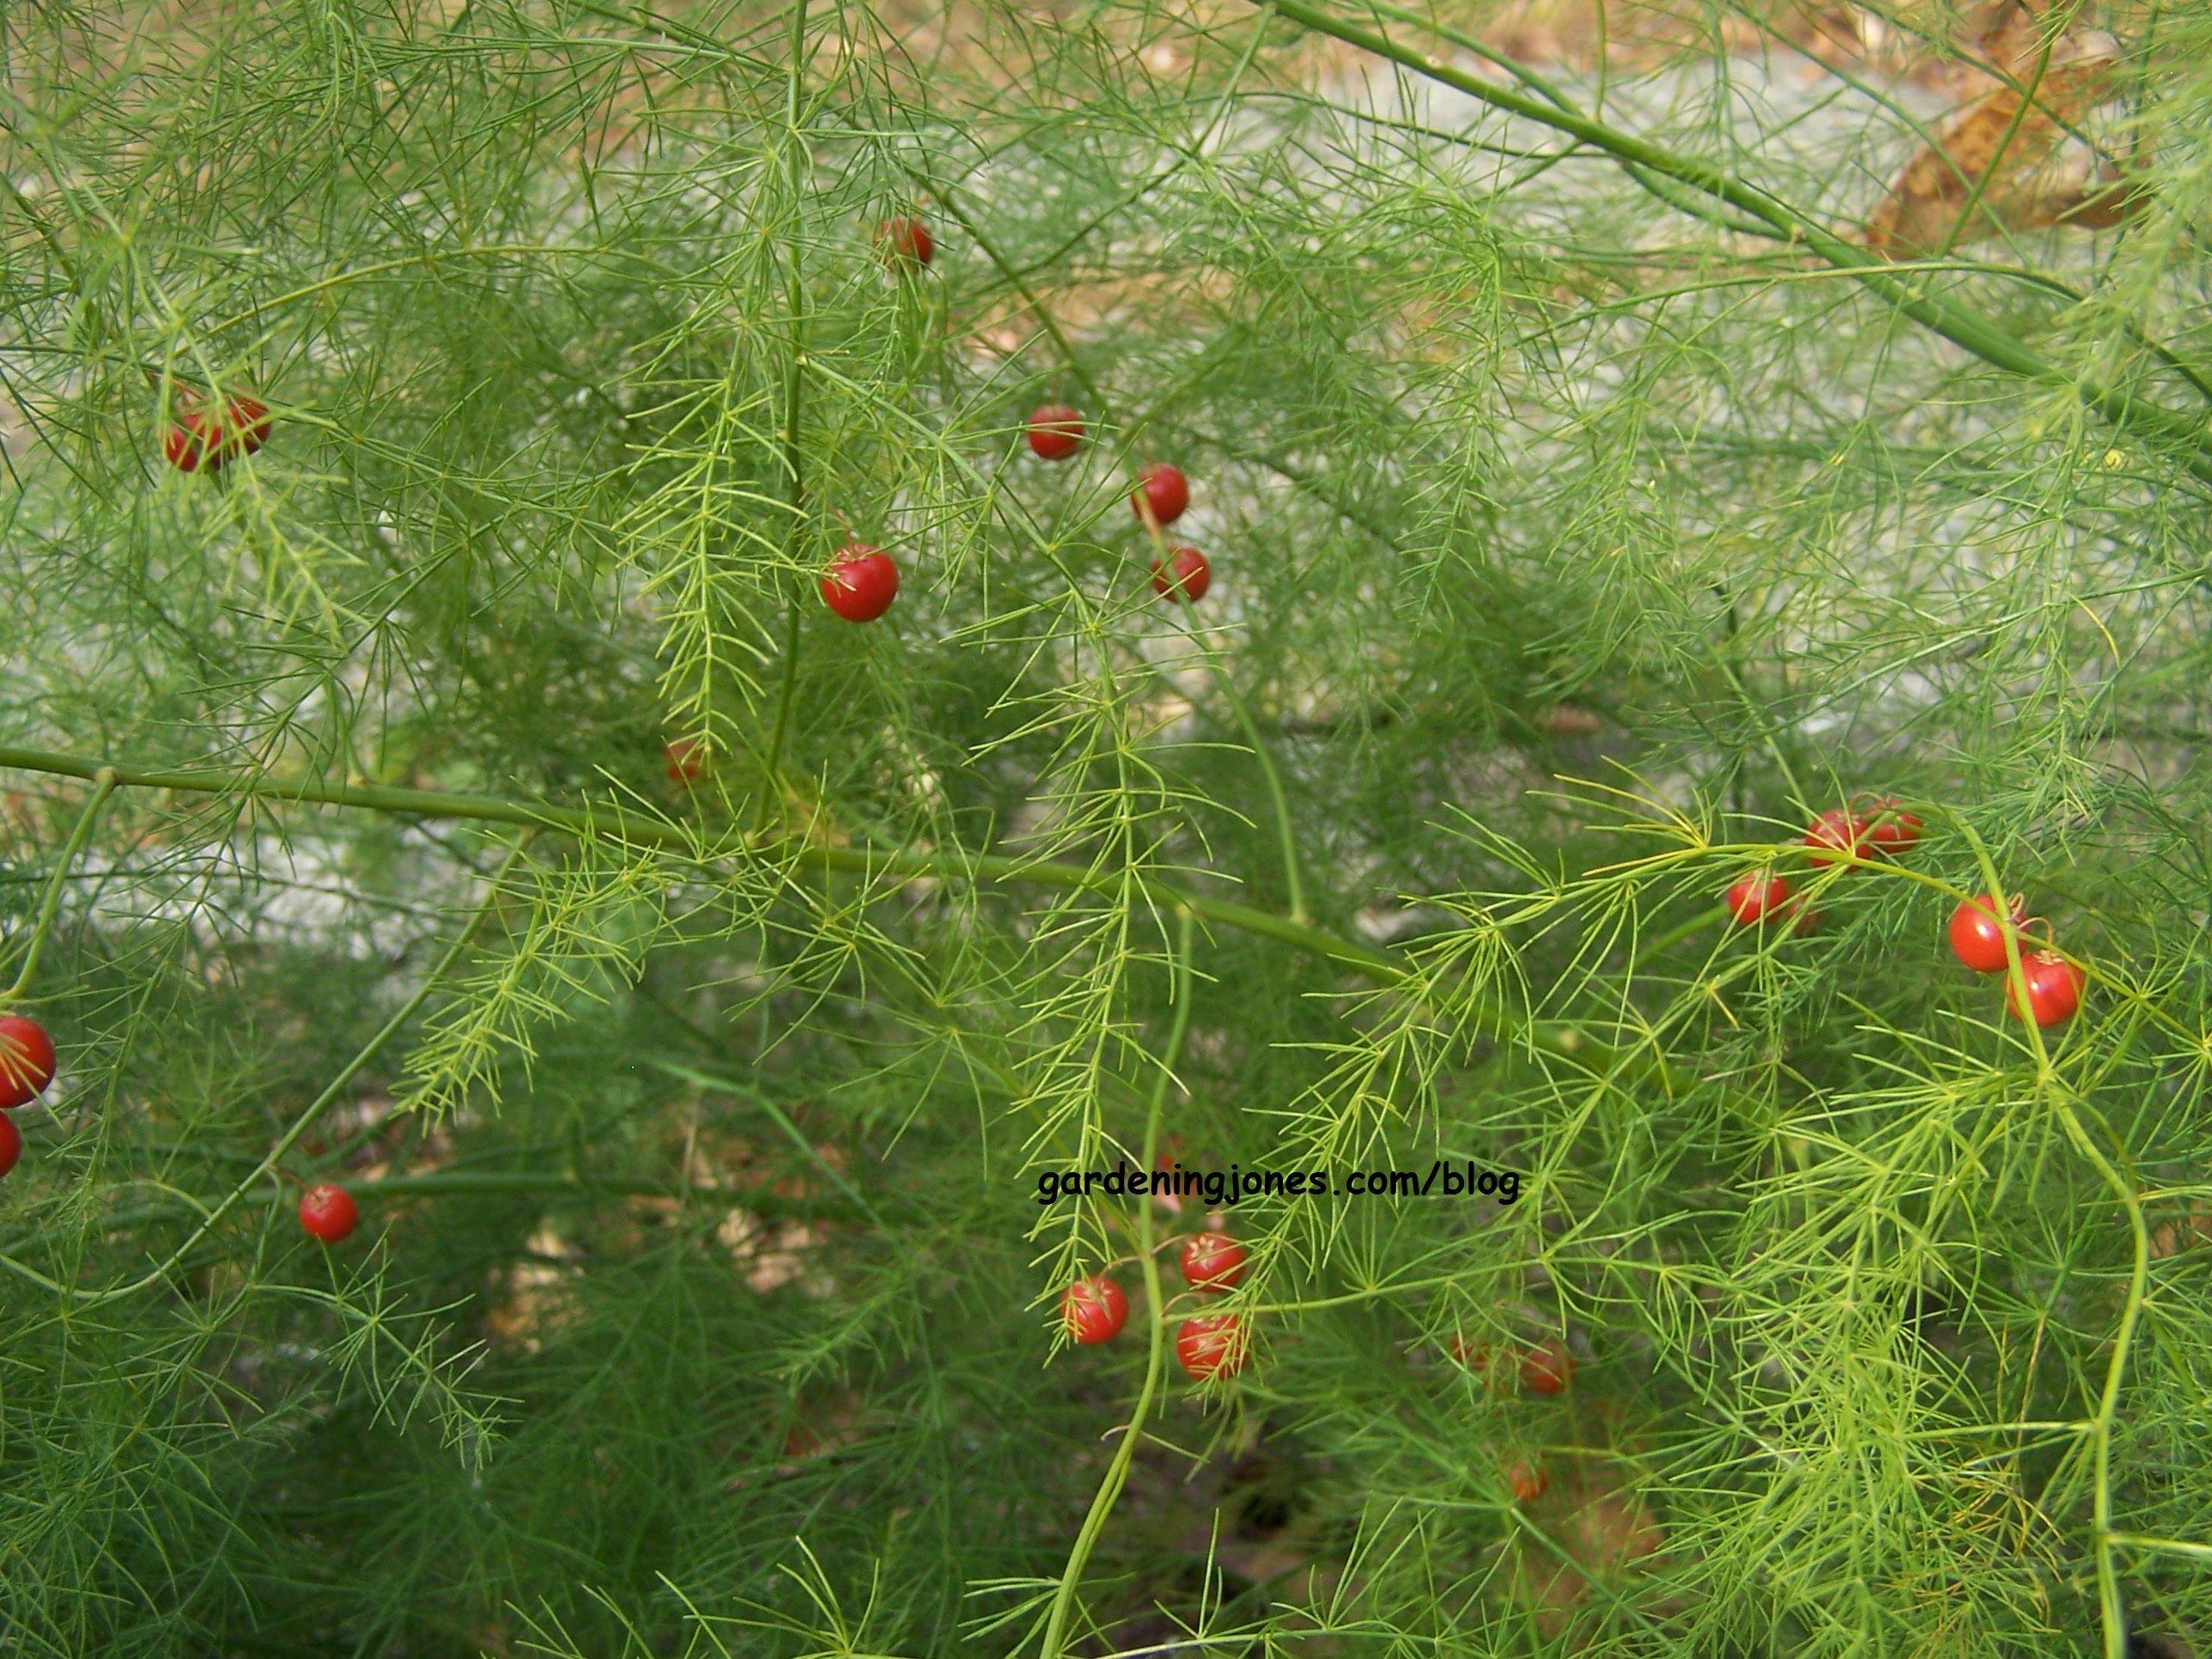 Asparagus Fronds And Berries Growing Asparagus Asparagus Garden Asparagus